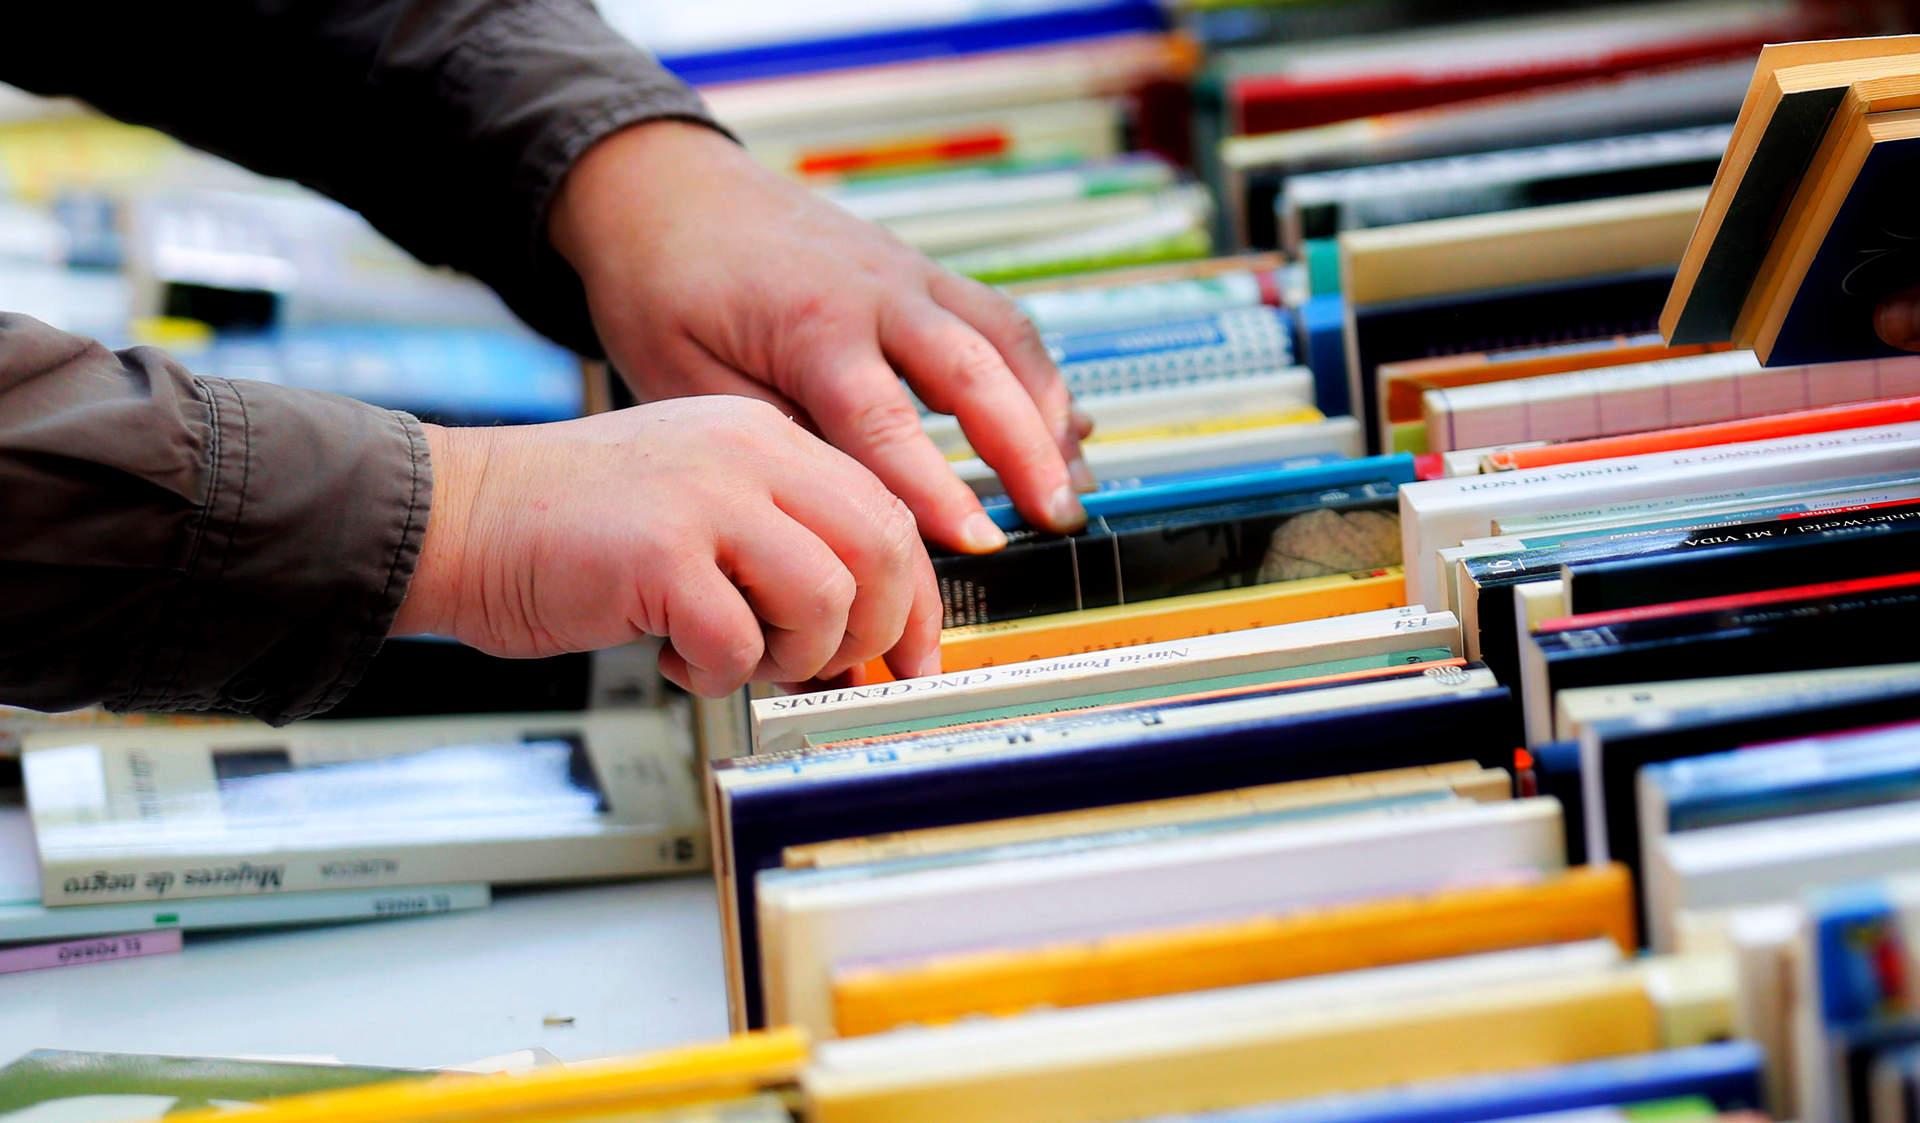 Что не так с книгами и сайтами про укладку плитки?